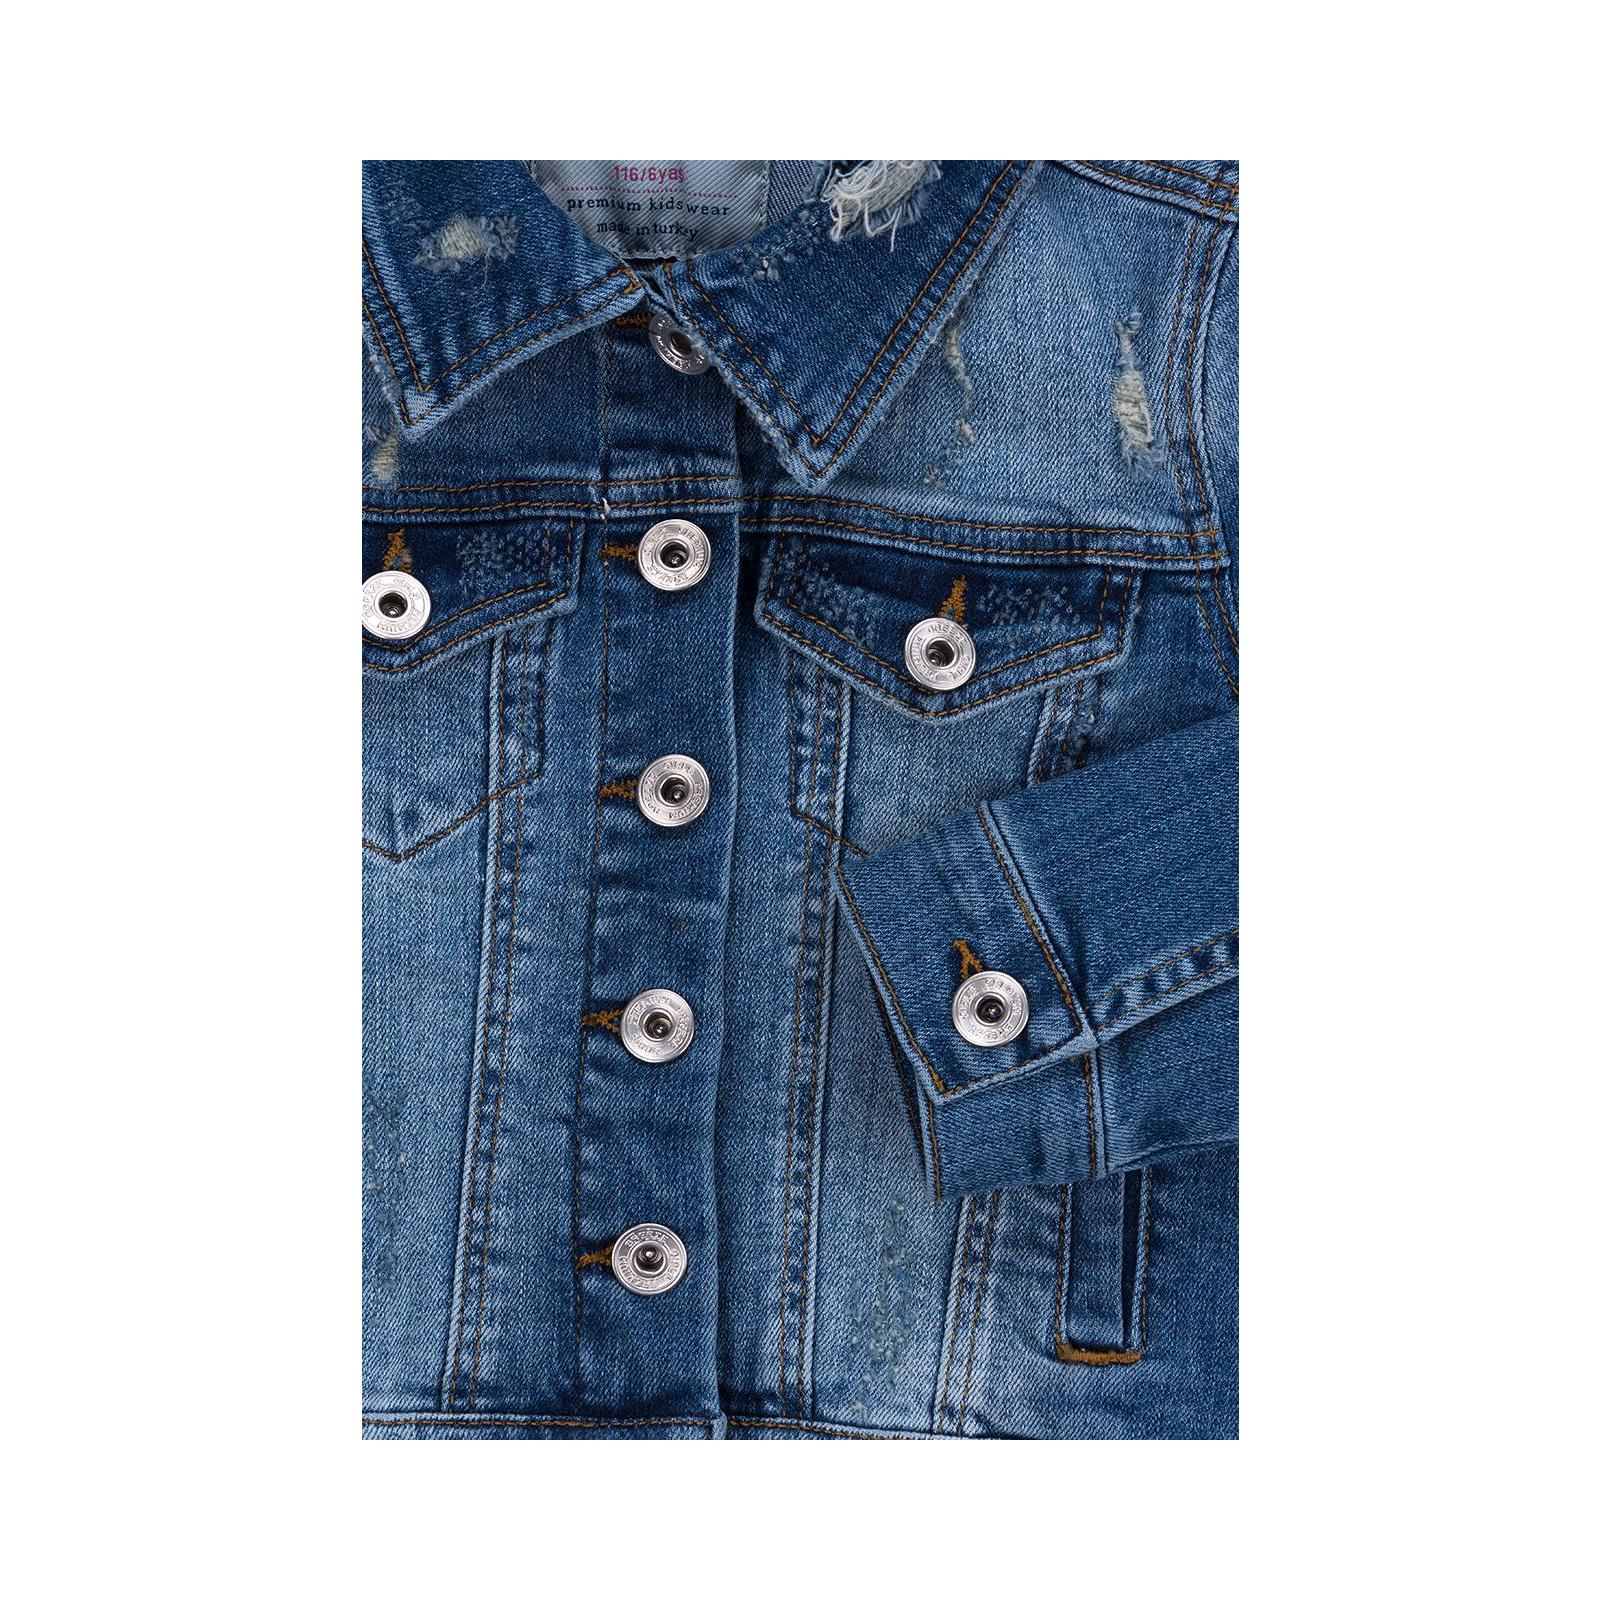 Куртка Breeze джинсовая укороченная (OZ-18801-134G-blue) изображение 4